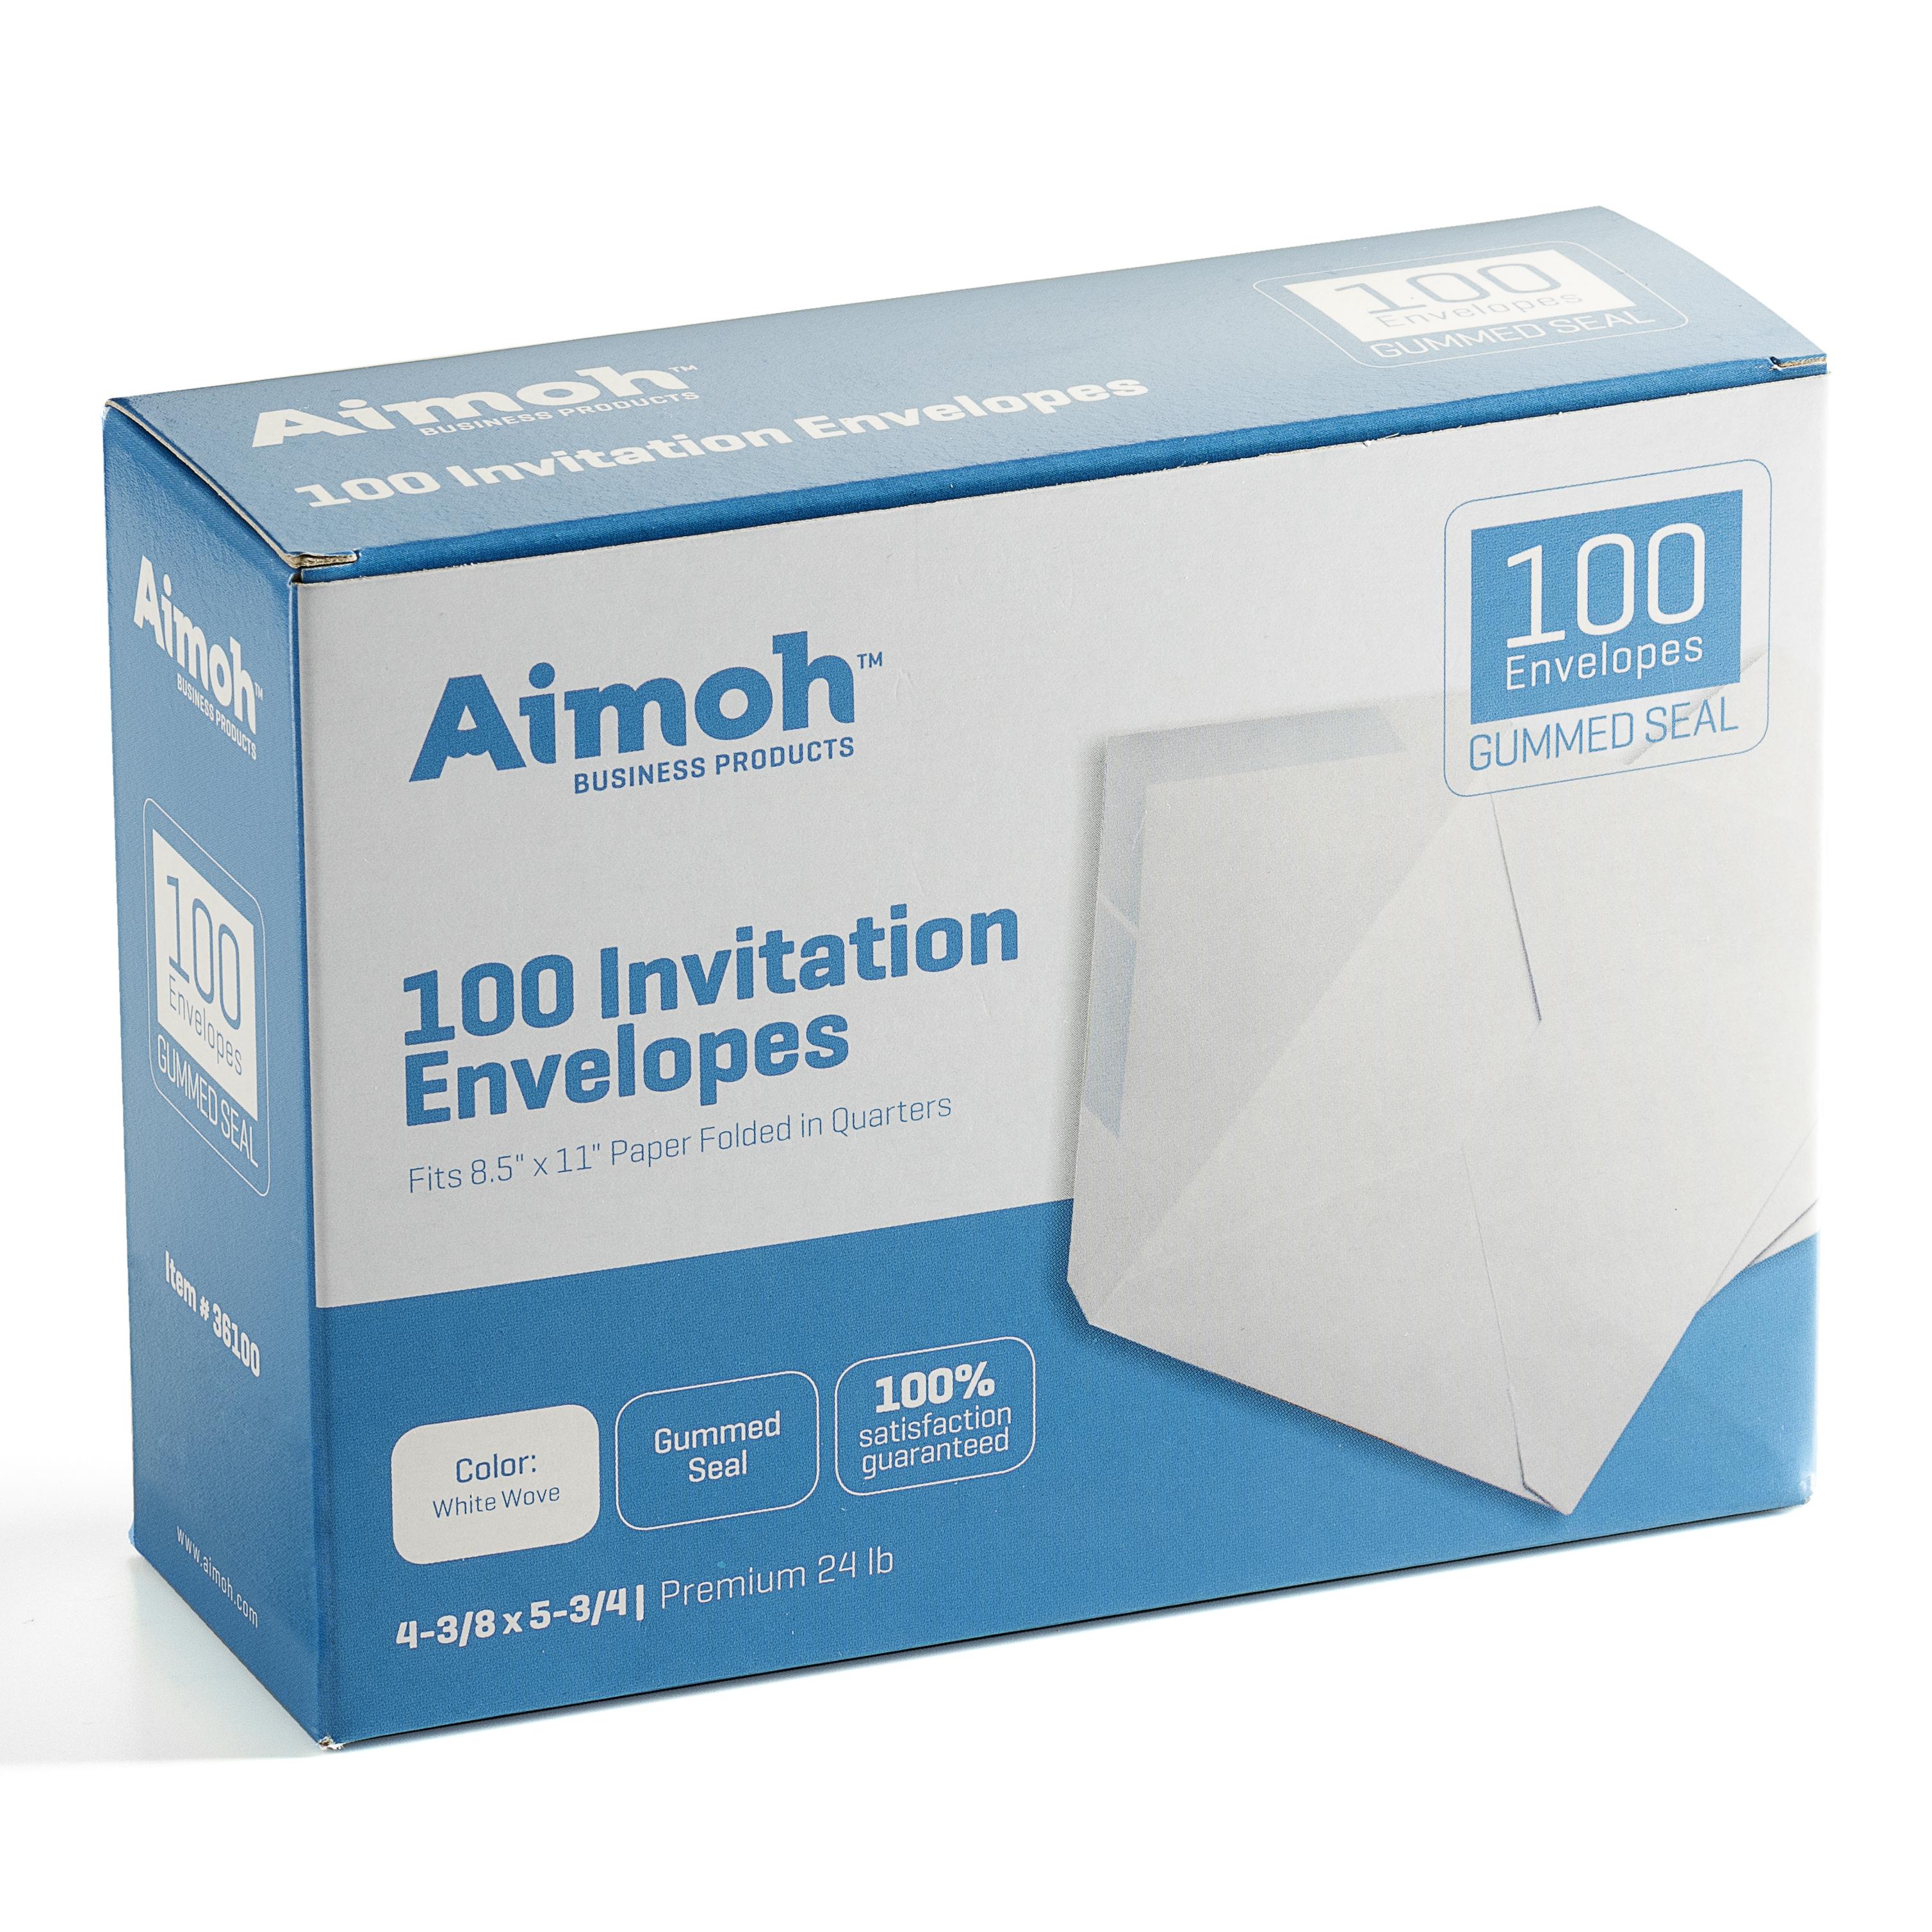 30n a2 invitation envelopes, v flap gummed closure 100 per box,A2 Invitation Envelopes